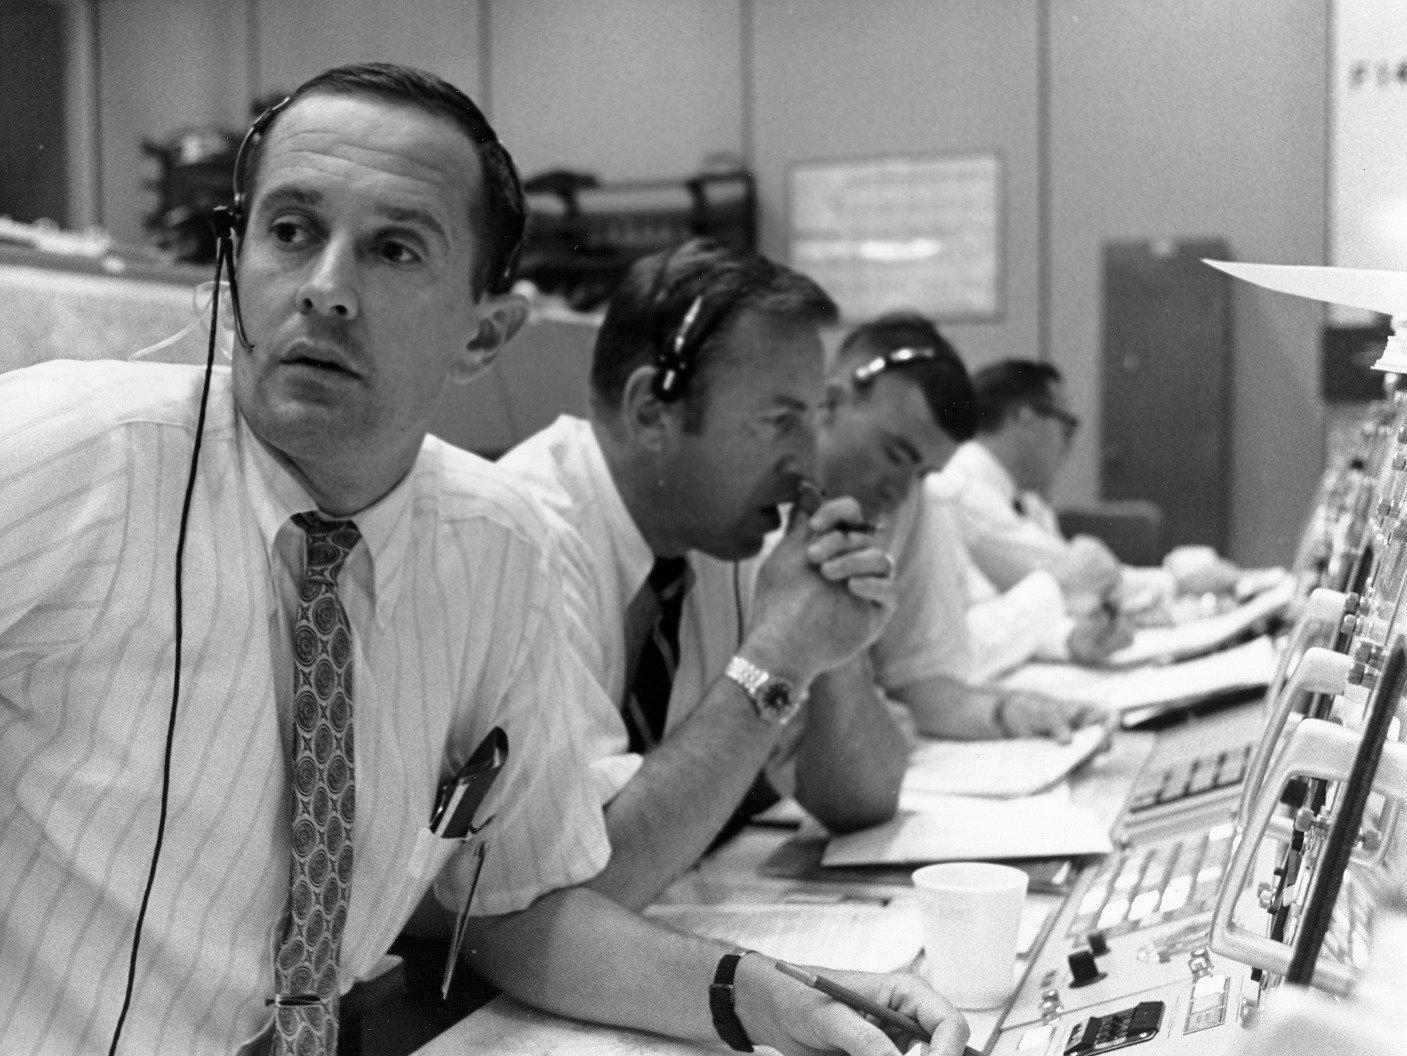 Apollo Guidance Computer, la historia del ordenador que nos llevó a la Luna 51